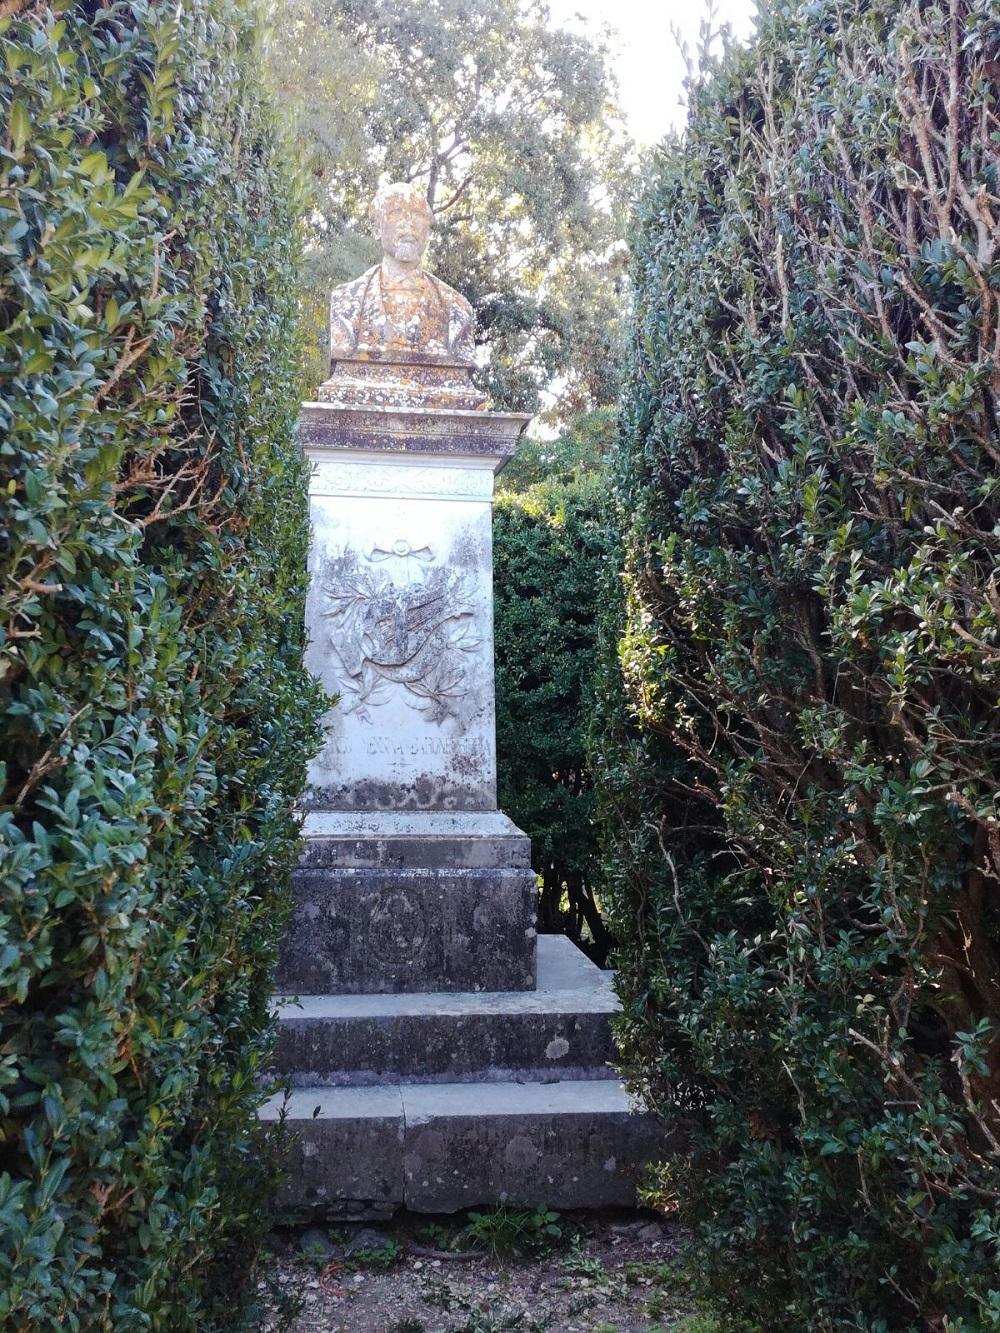 Il monumento al barone Bibbia a palazzolo acreide